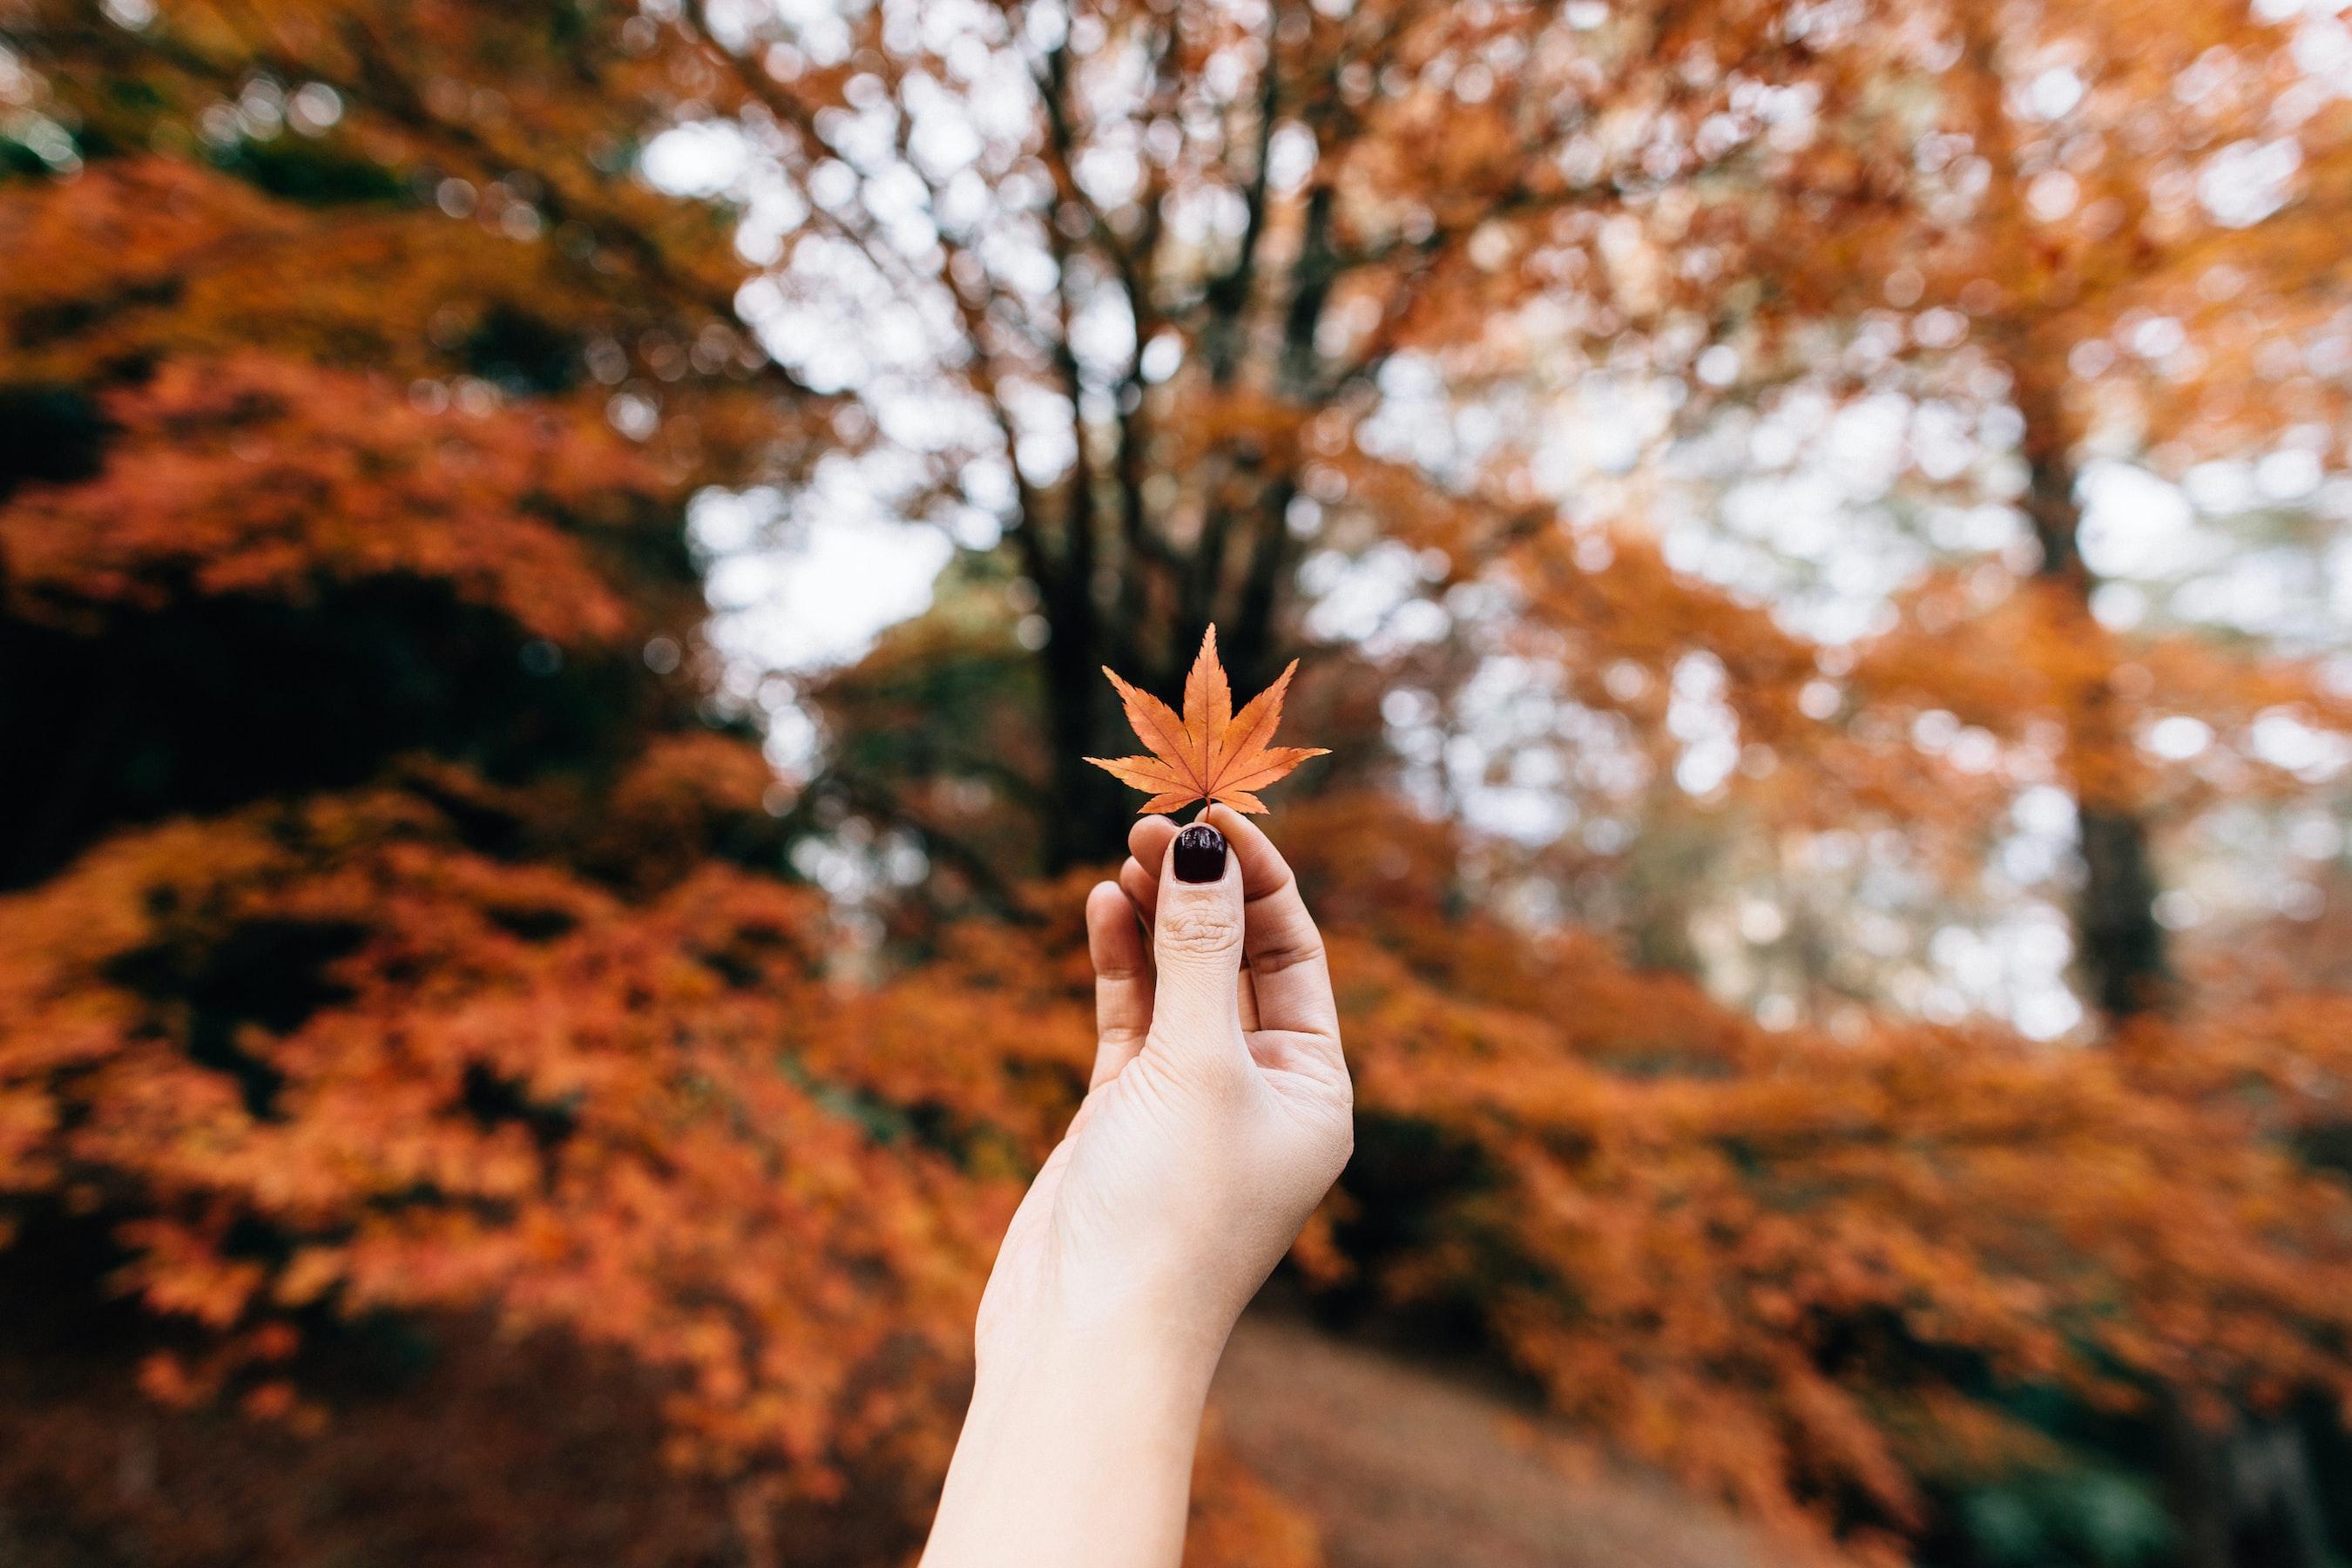 Herfst: het ideale seizoen voor het kopen van tuinmeubels